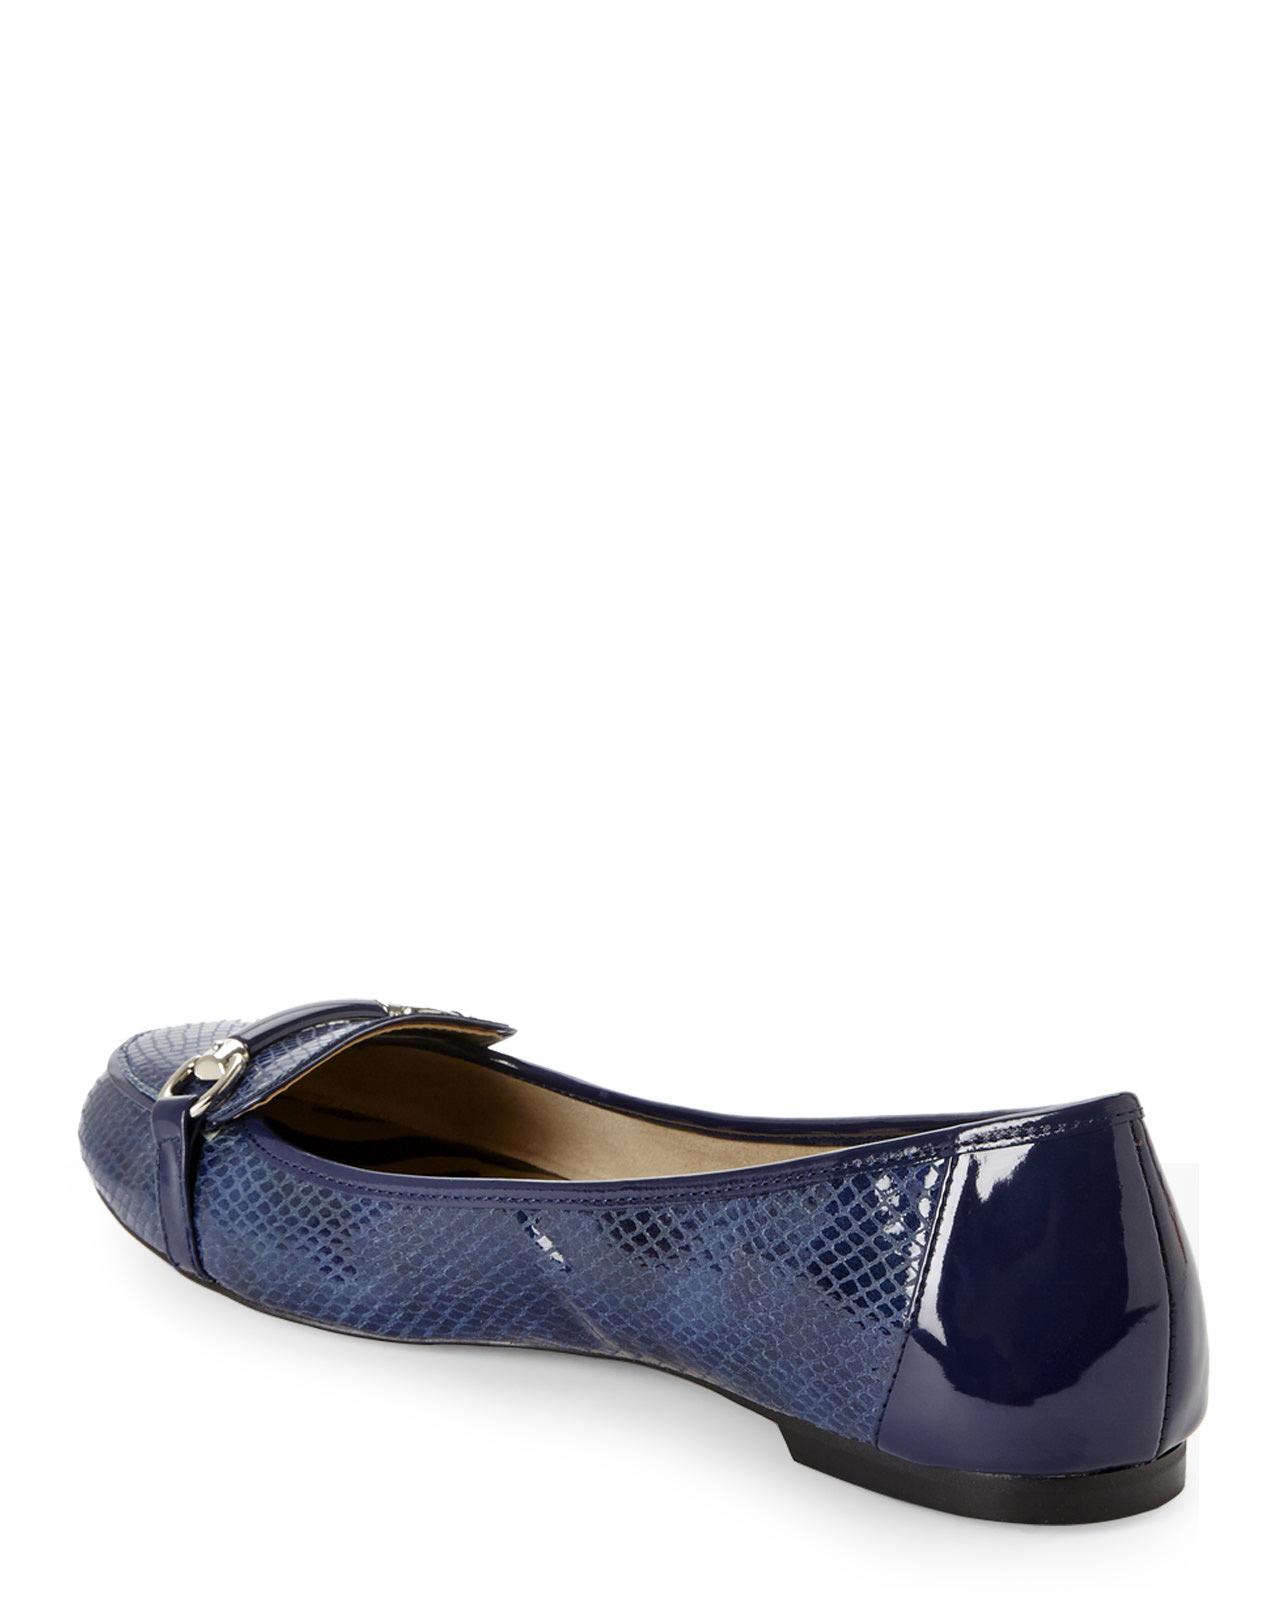 Sport Oalise Flat | Flats, Anne klein, Anne klein shoes